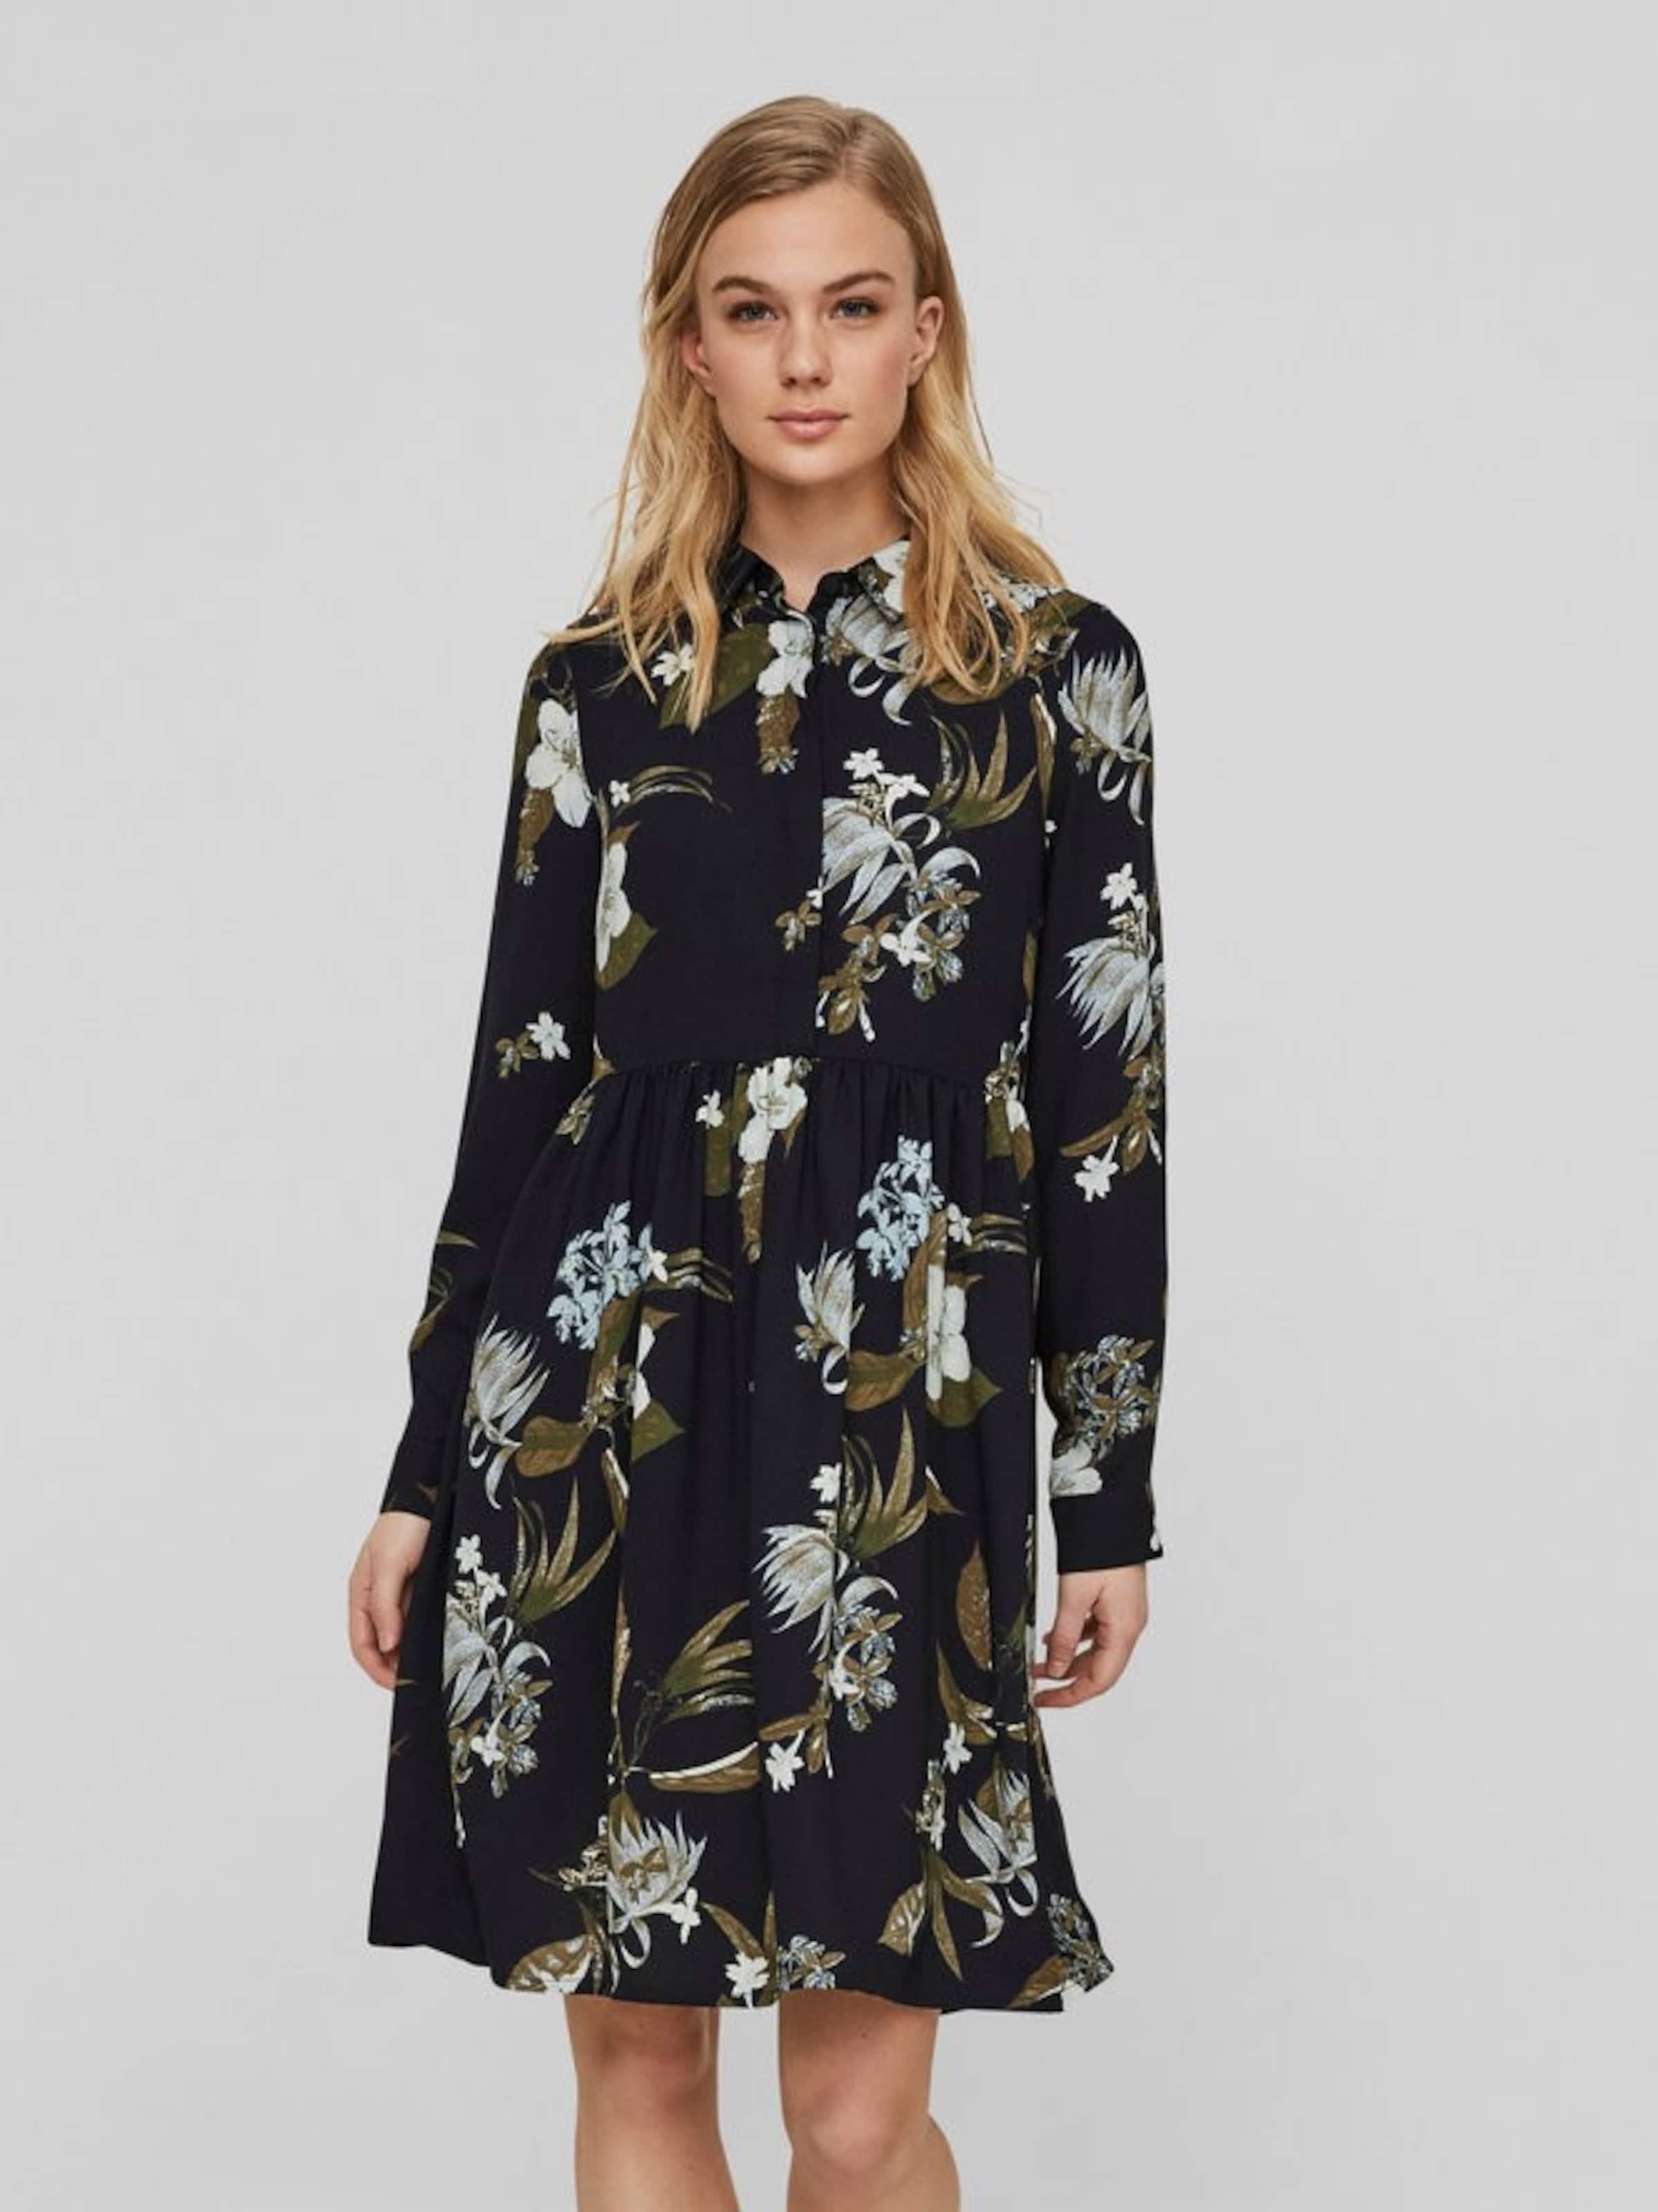 Freies Verschiffen Der Niedrige Preis Versandgebühr VERO MODA florales Kleid Freies Verschiffen Truhe Bilder Billig Verkauf Erkunden JjNWMek6